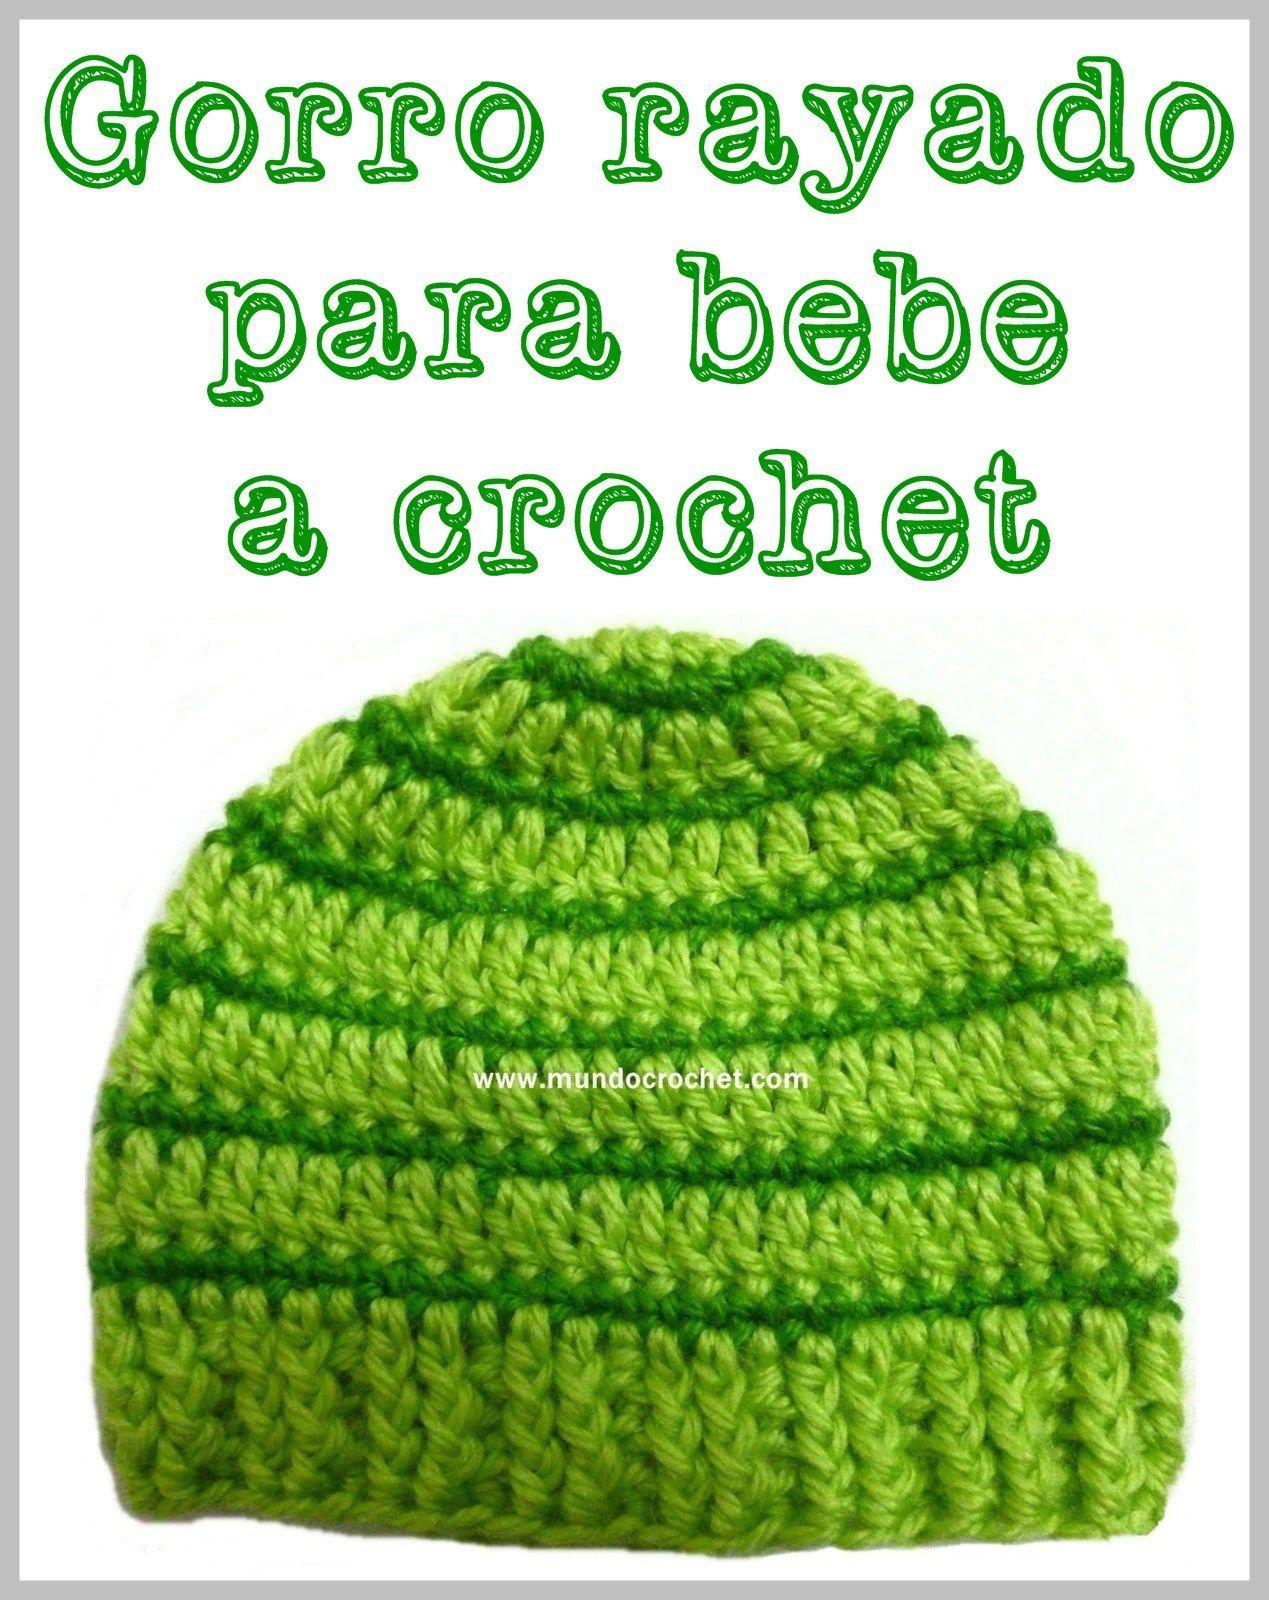 Patron gorro rayado para bebe a crochet o ganchillo | CROCHET II and ...